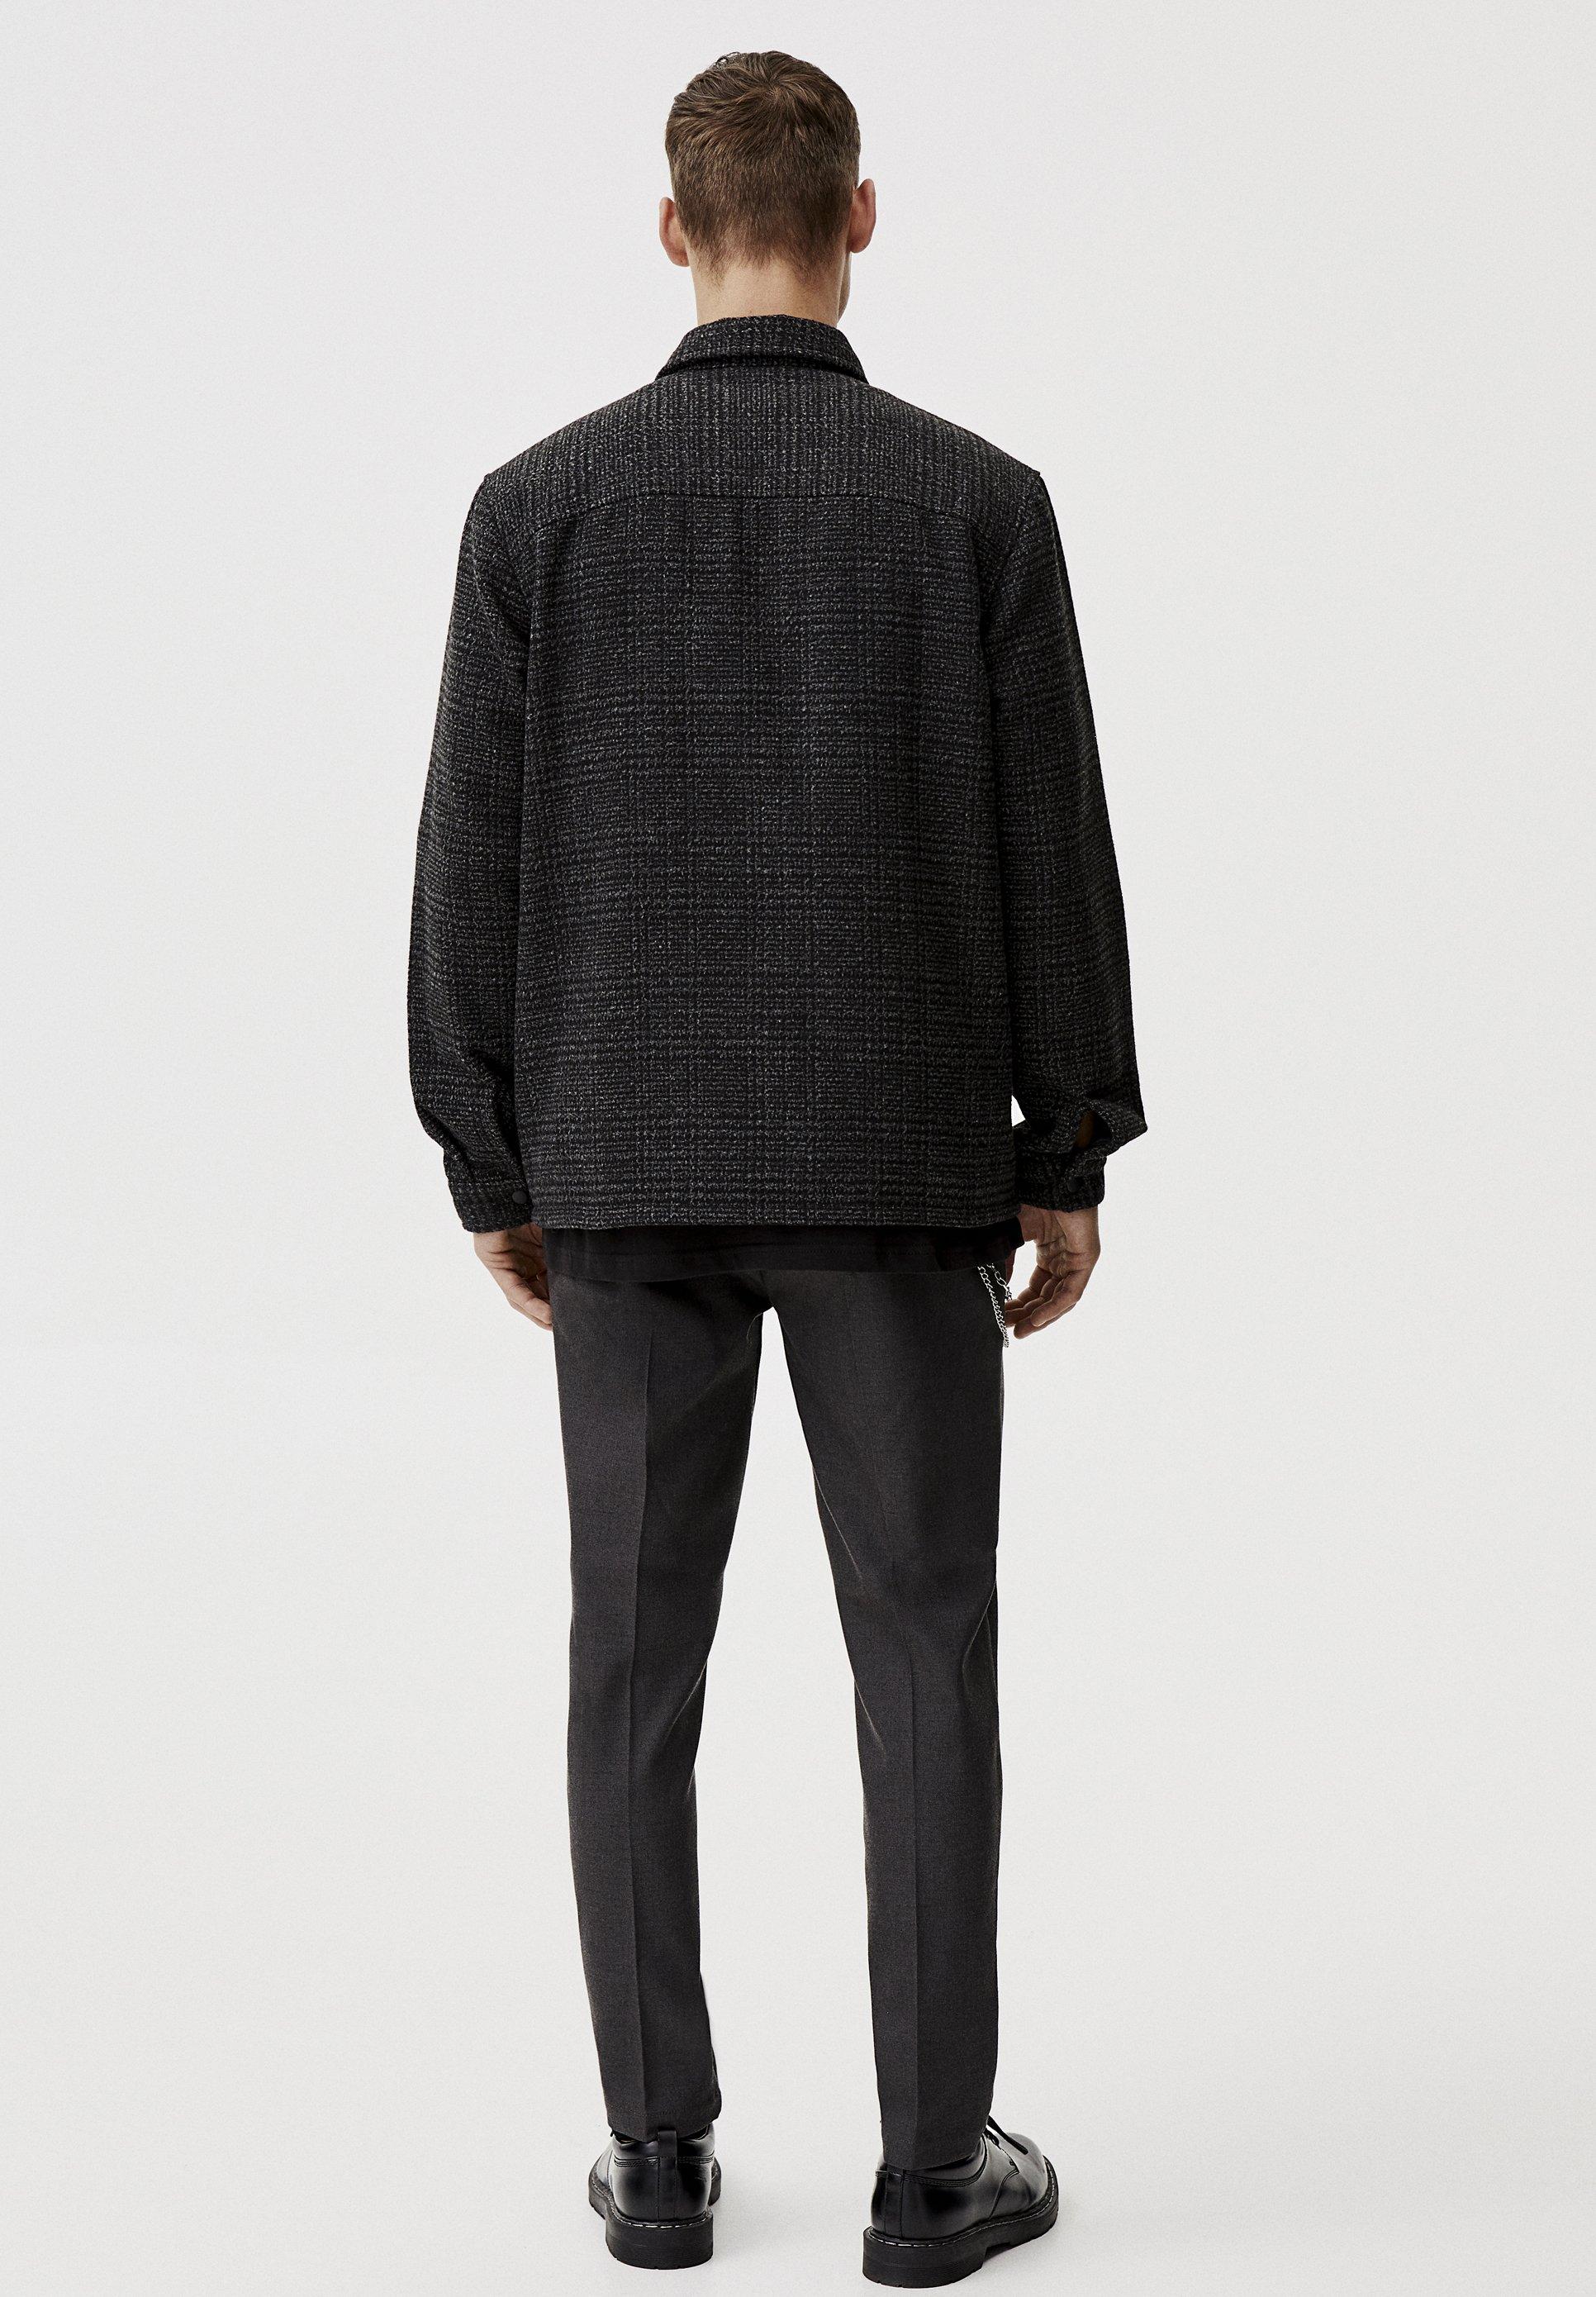 Pull&bear Mit Pattentaschen - Skjorter Dark Grey